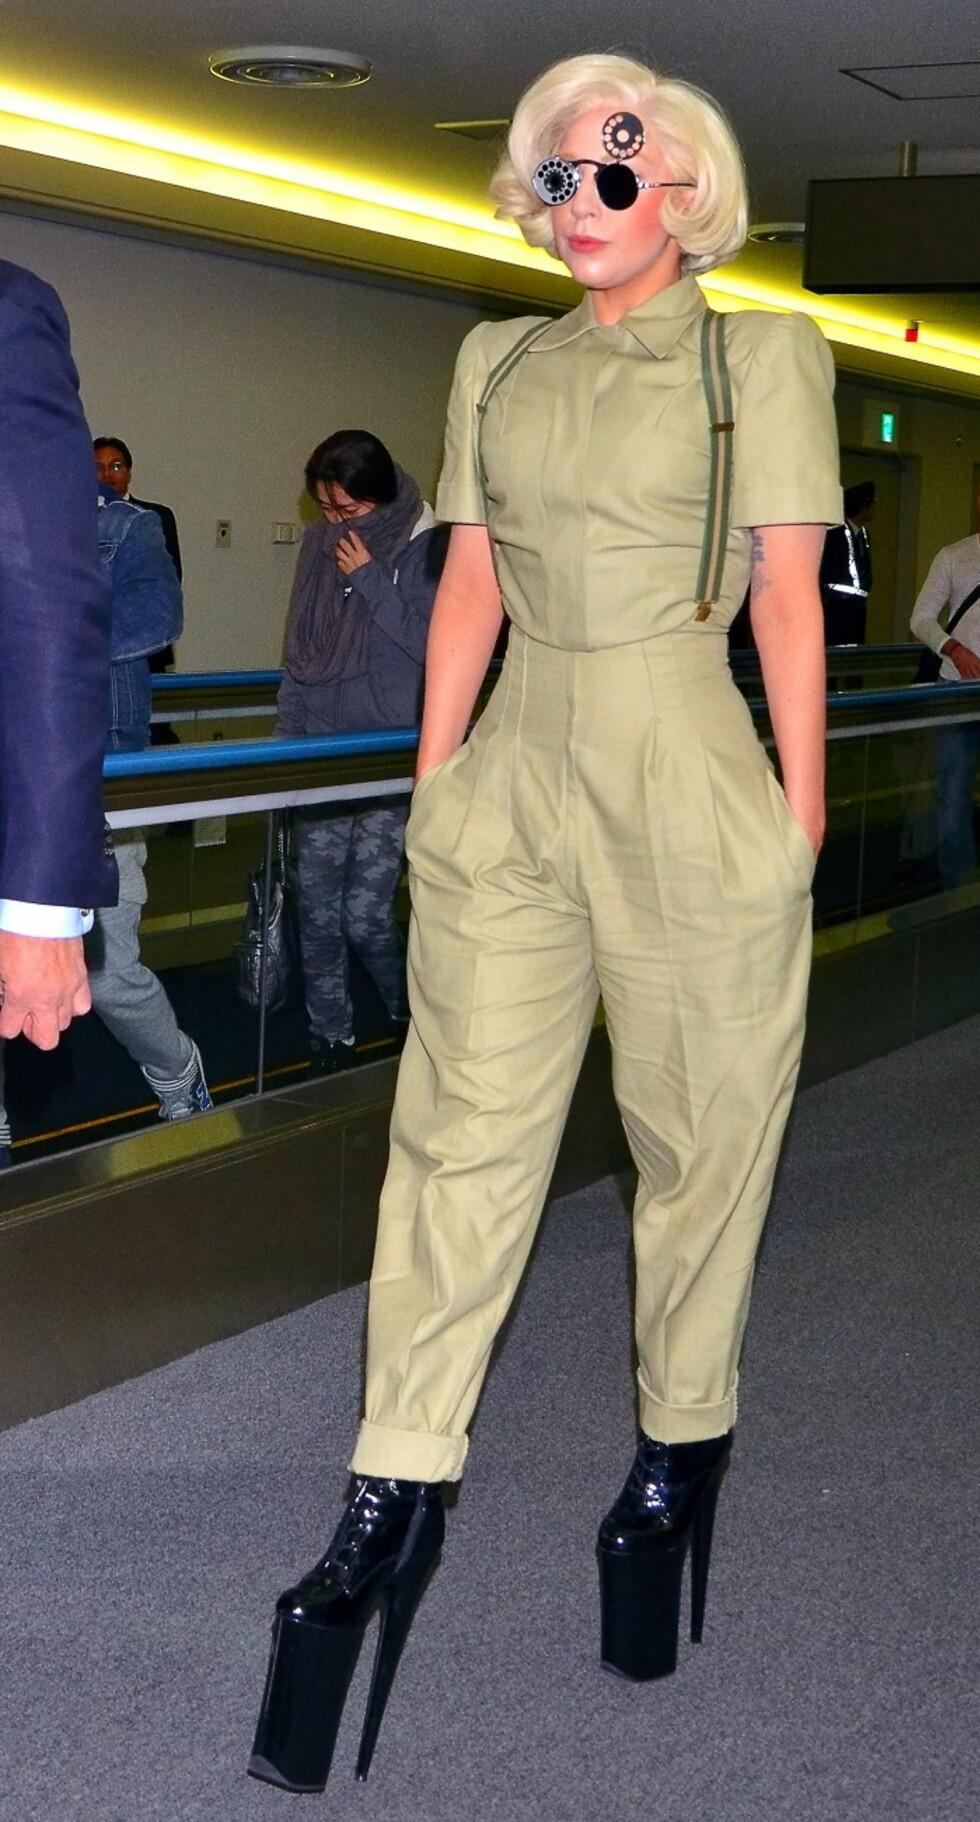 Antrekket var streit nok på flyplassen i Tokyo, men solbrillene og skoene var typisk Gaga anno 2013.  Foto: All Over